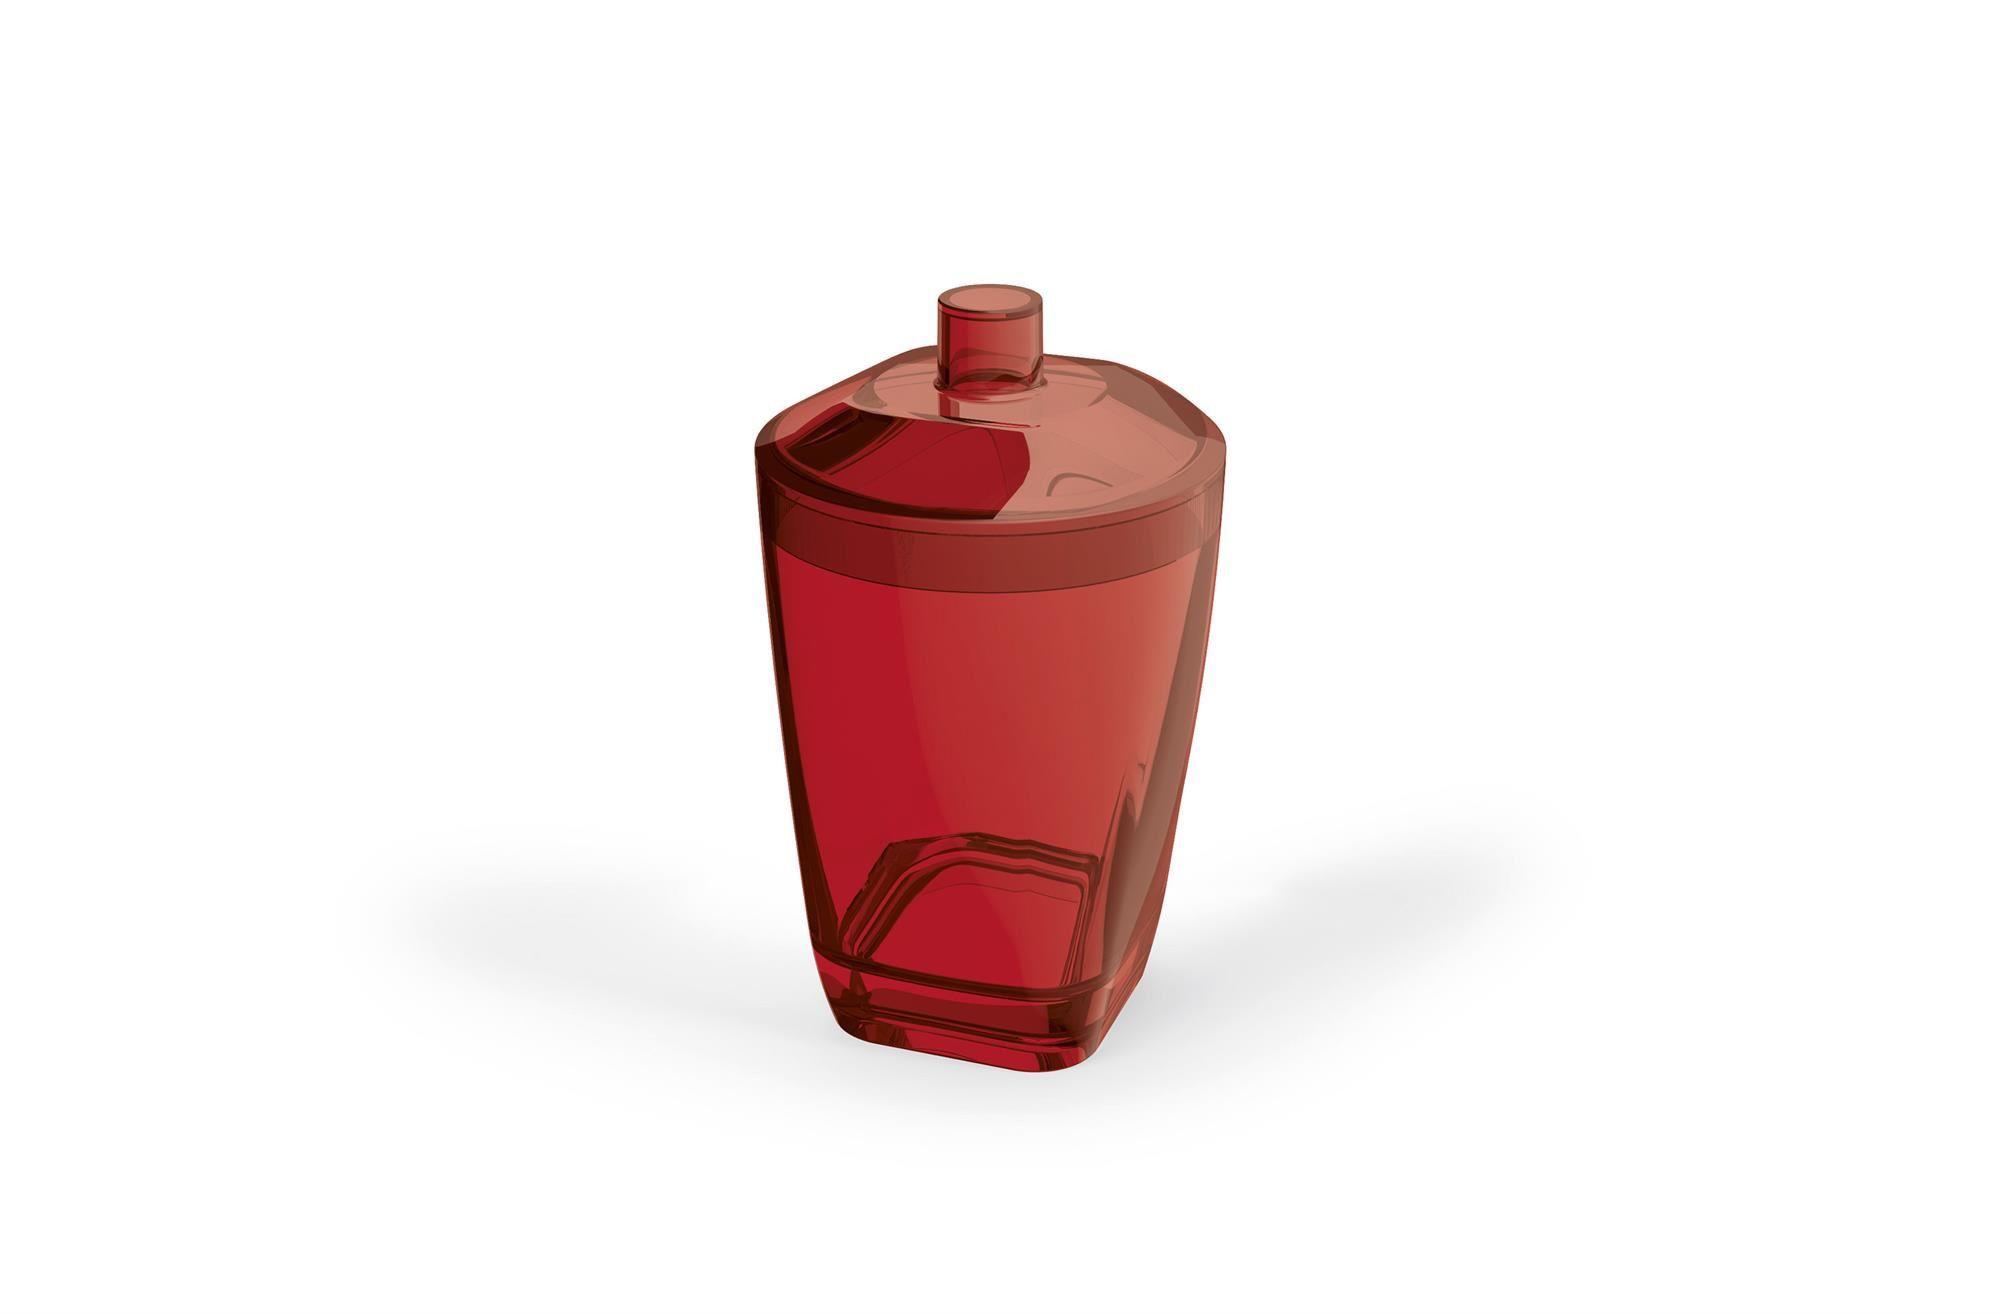 Kit Higiene Banheiro 4 Peças Porta Escova Sabonete Líquido Porta Algodão E Saboneteira Premium Uz Vermelho